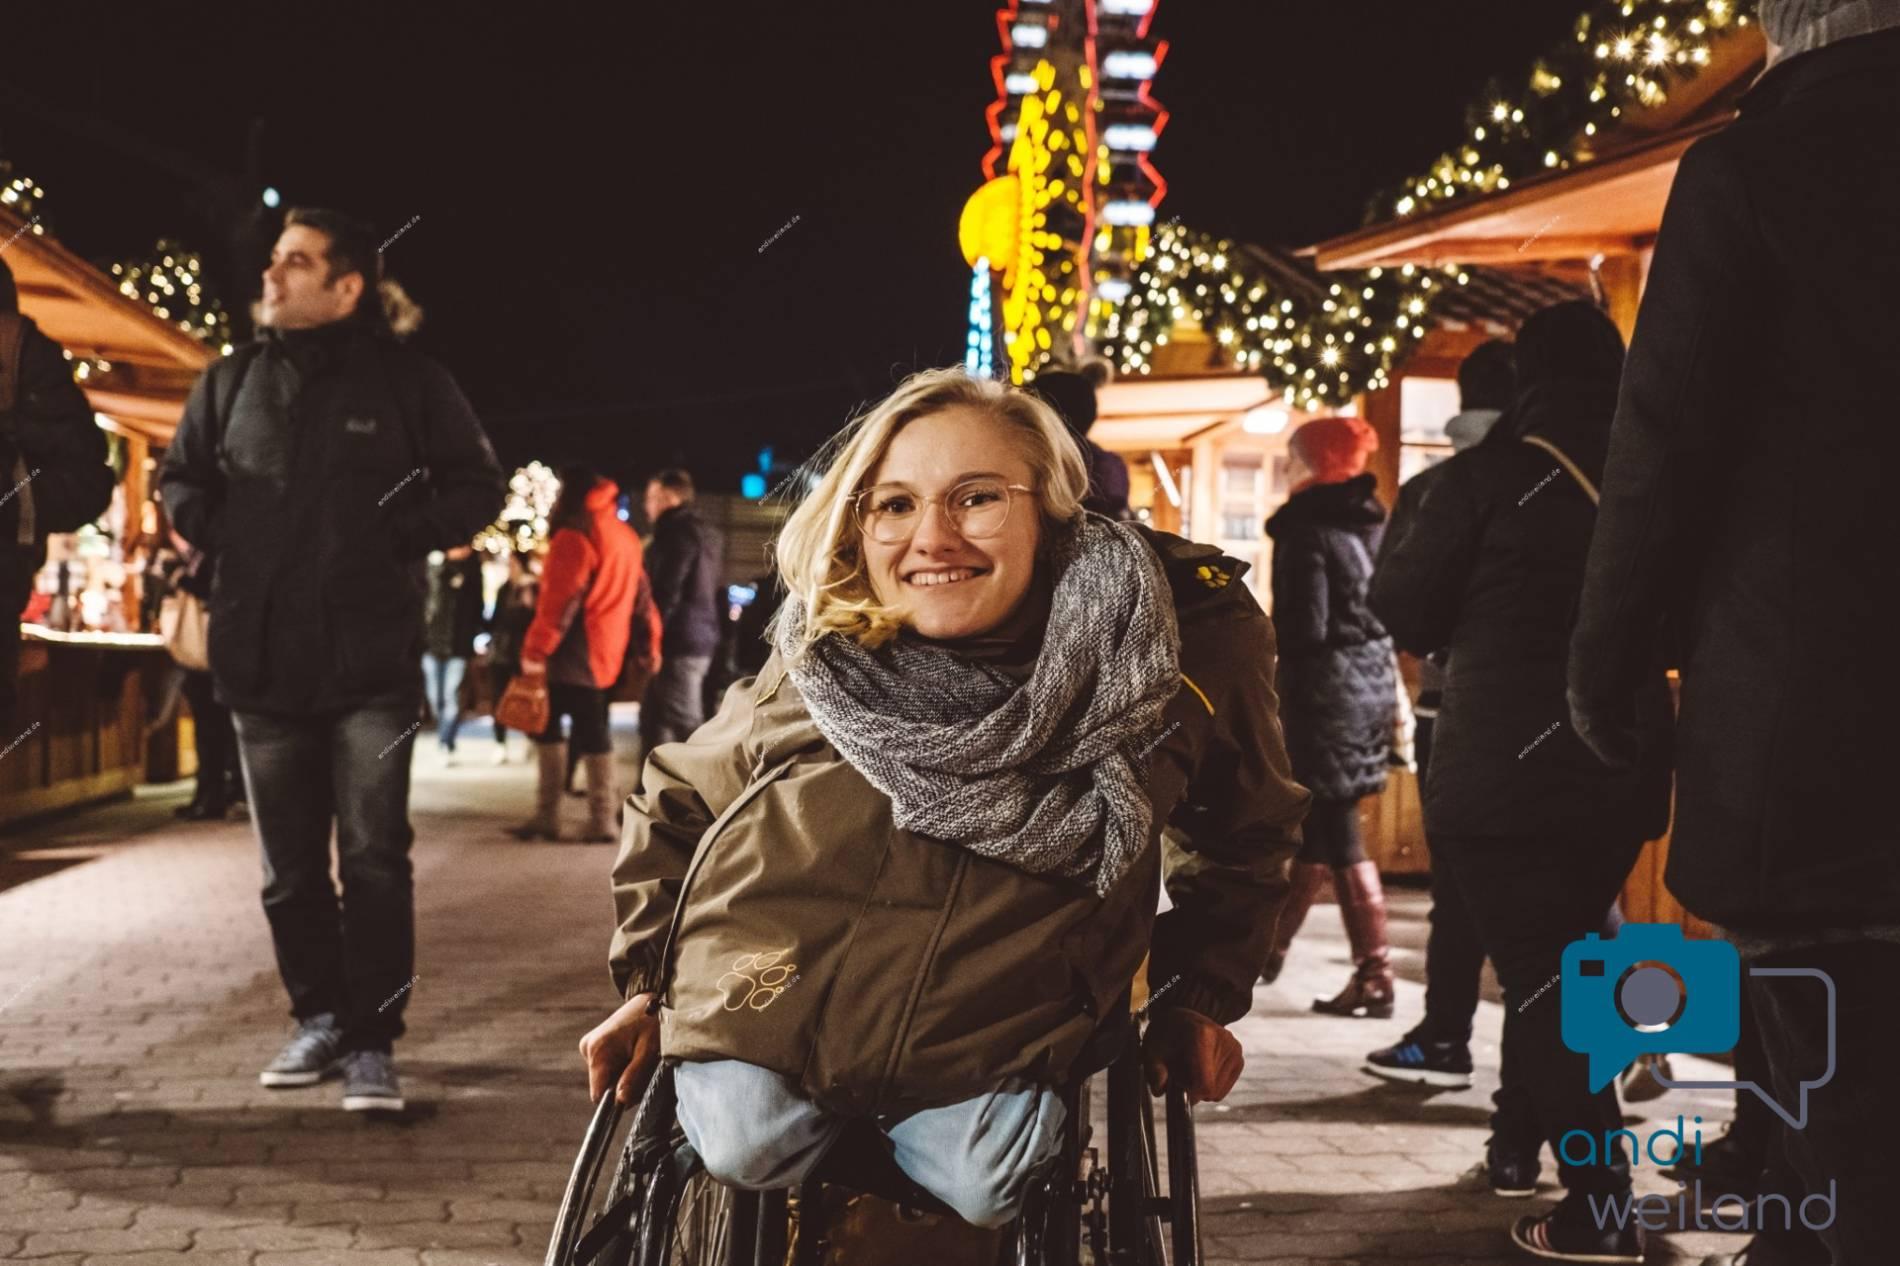 Andi Weiland Rollstuhl, Glühwein und Weihnachtsmarkt